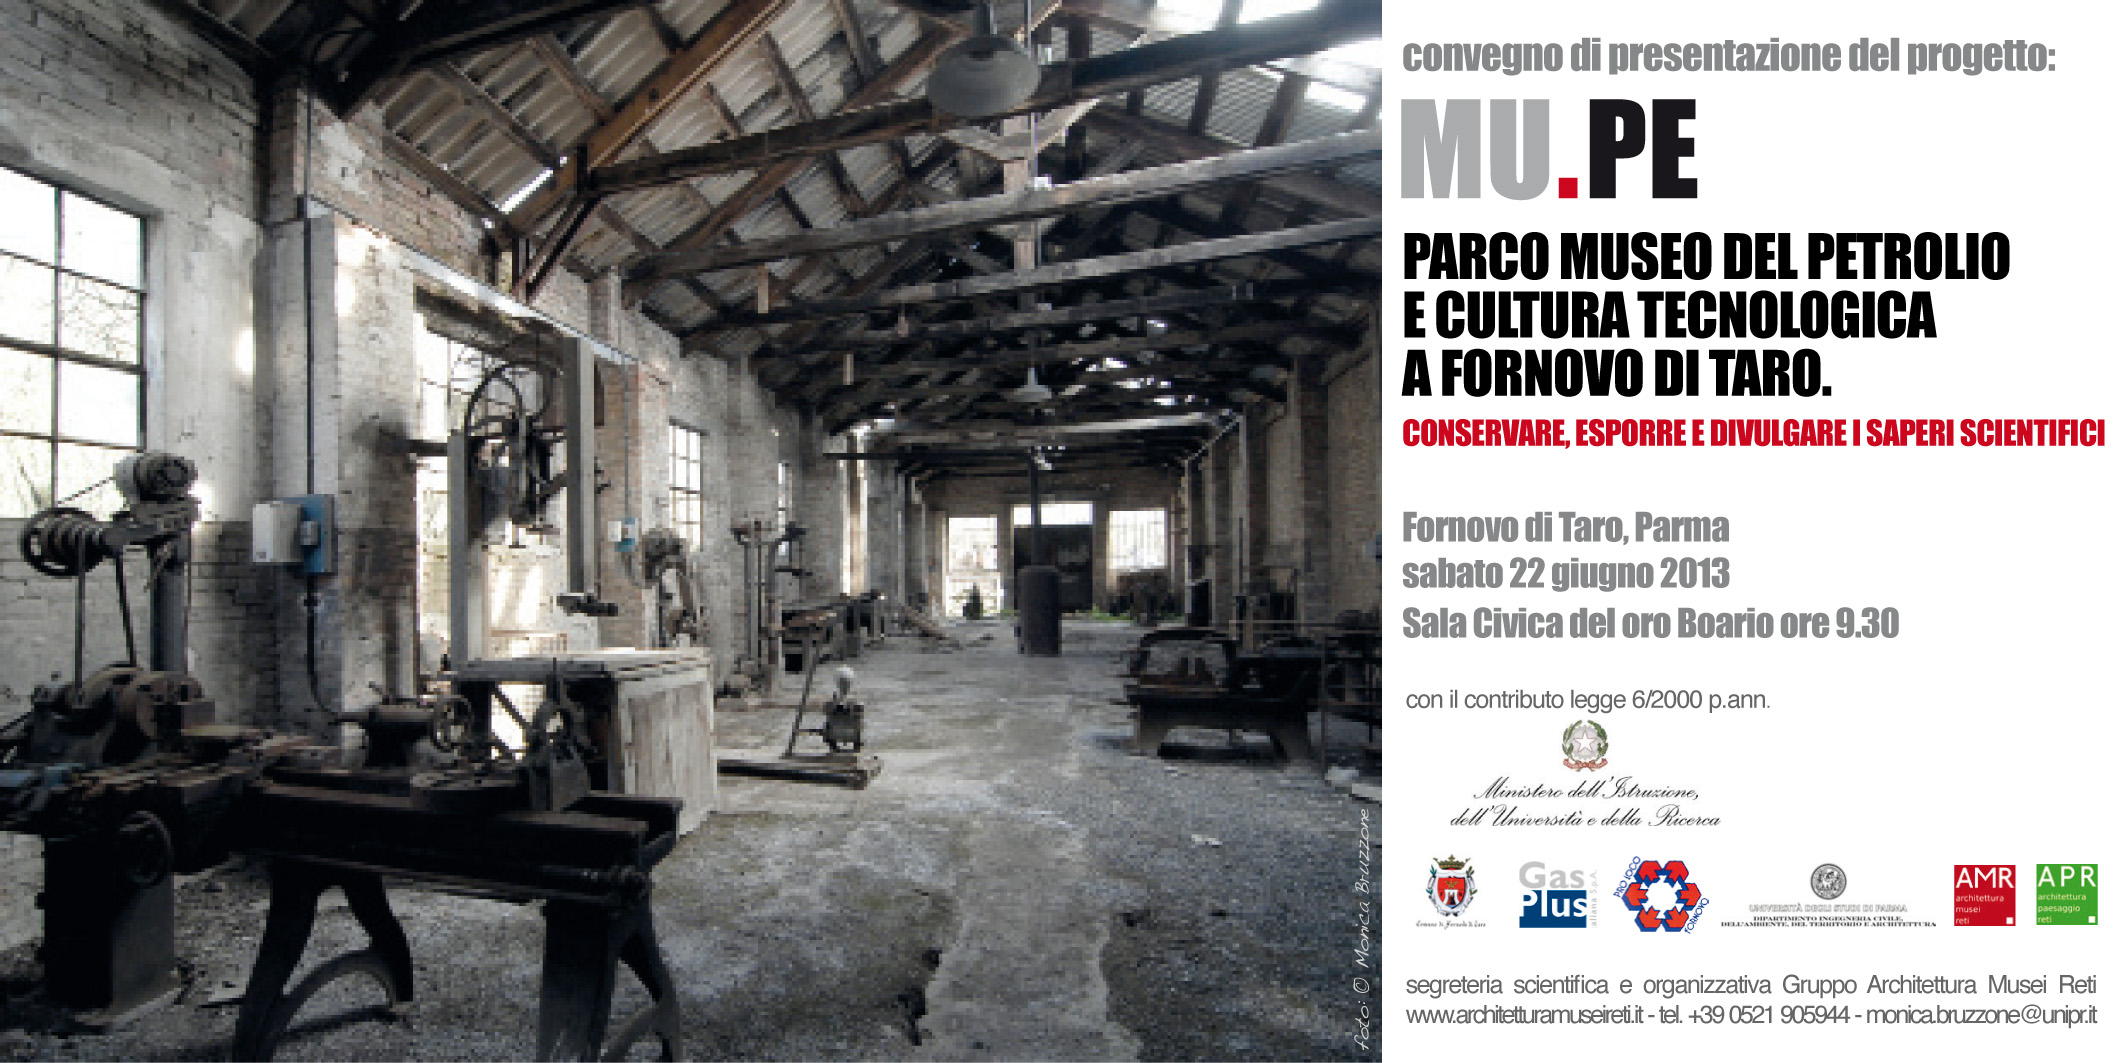 Convegno: Parco Museo del Petrolio e cultura tecnologica a Fornovo di Taro.